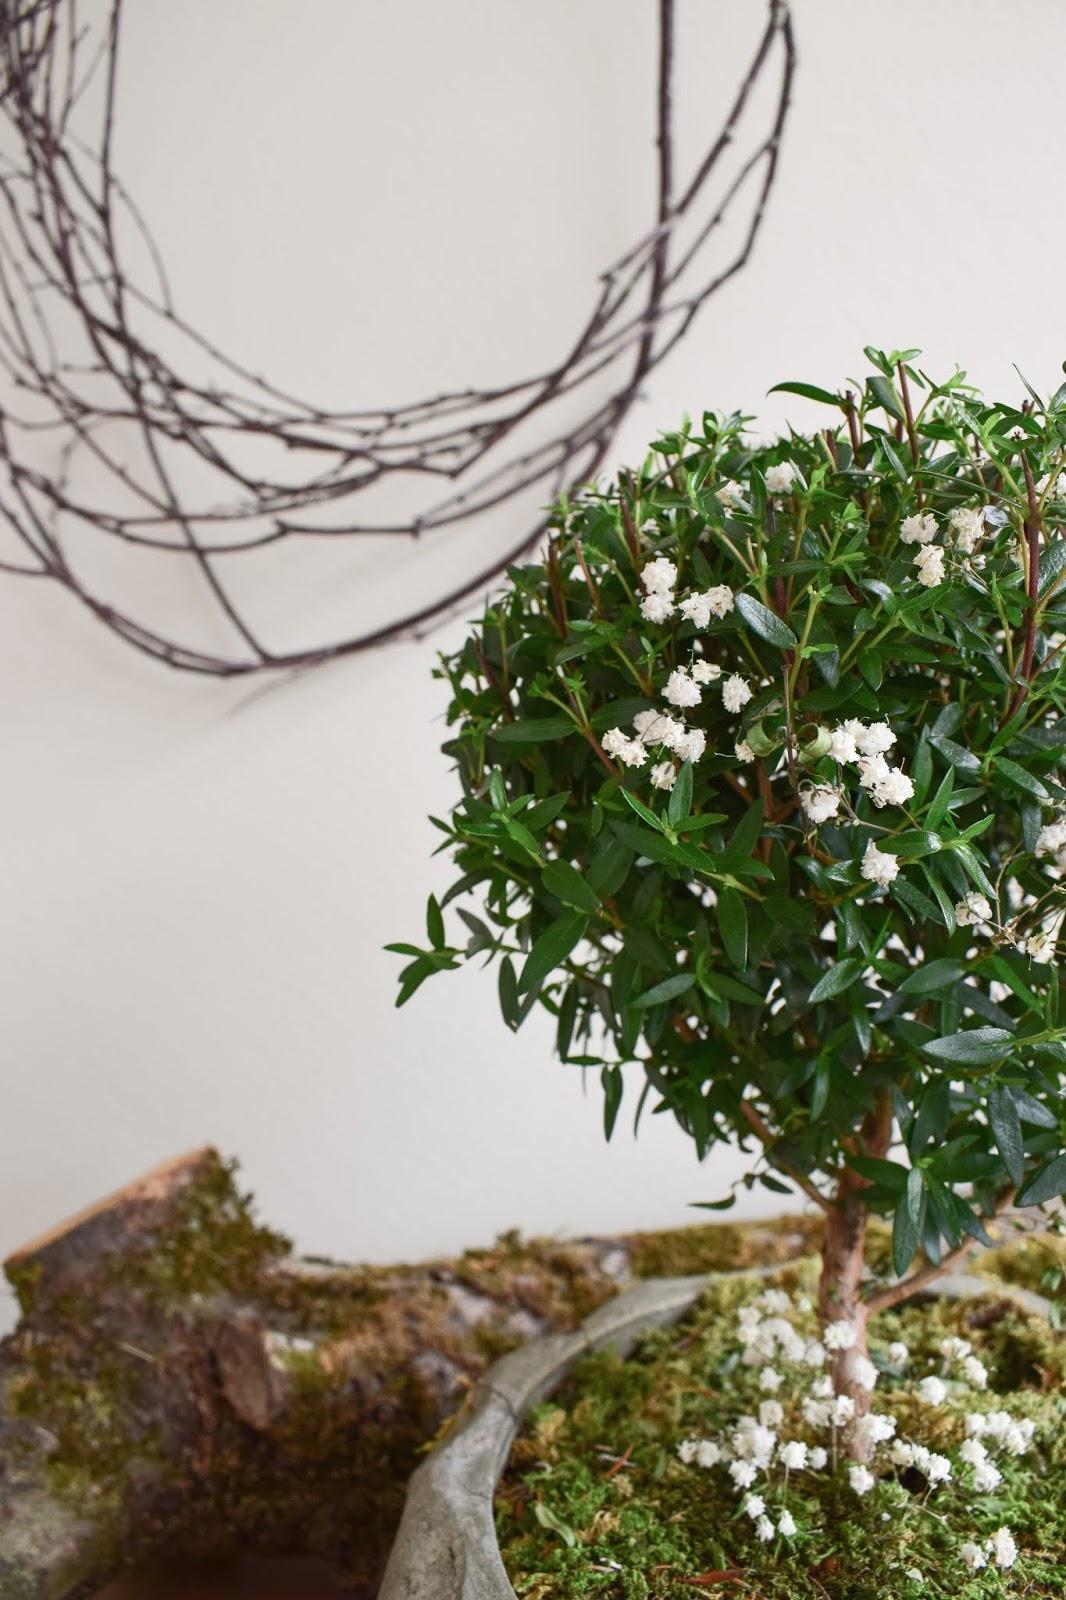 Naturdeko mit Topfpflanze: Verschönerung Übertopf Zimmerpflanze mit Moos Eukalyptus Schleierkraut. Myrte Dekoidee Deko Dekoration Übertopf natürlich dekorieren einfach selbermachen schleierkraut